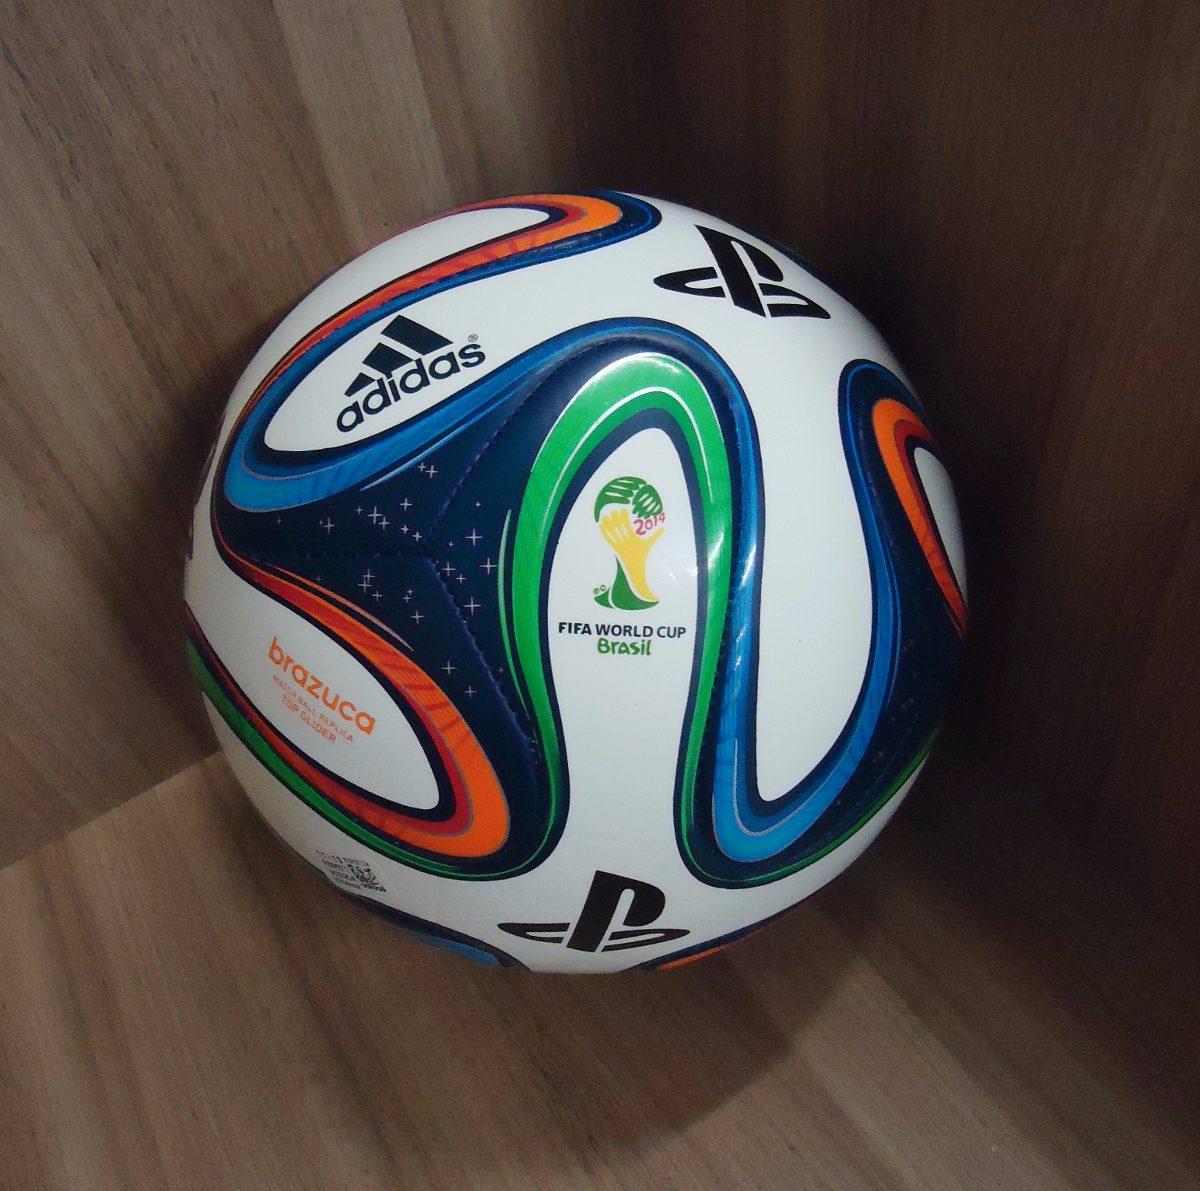 65080bce6693f Bola de futebol brazuca adidas réplica oficial carregando zoom jpg  1200x1191 Oficial bola de futebol